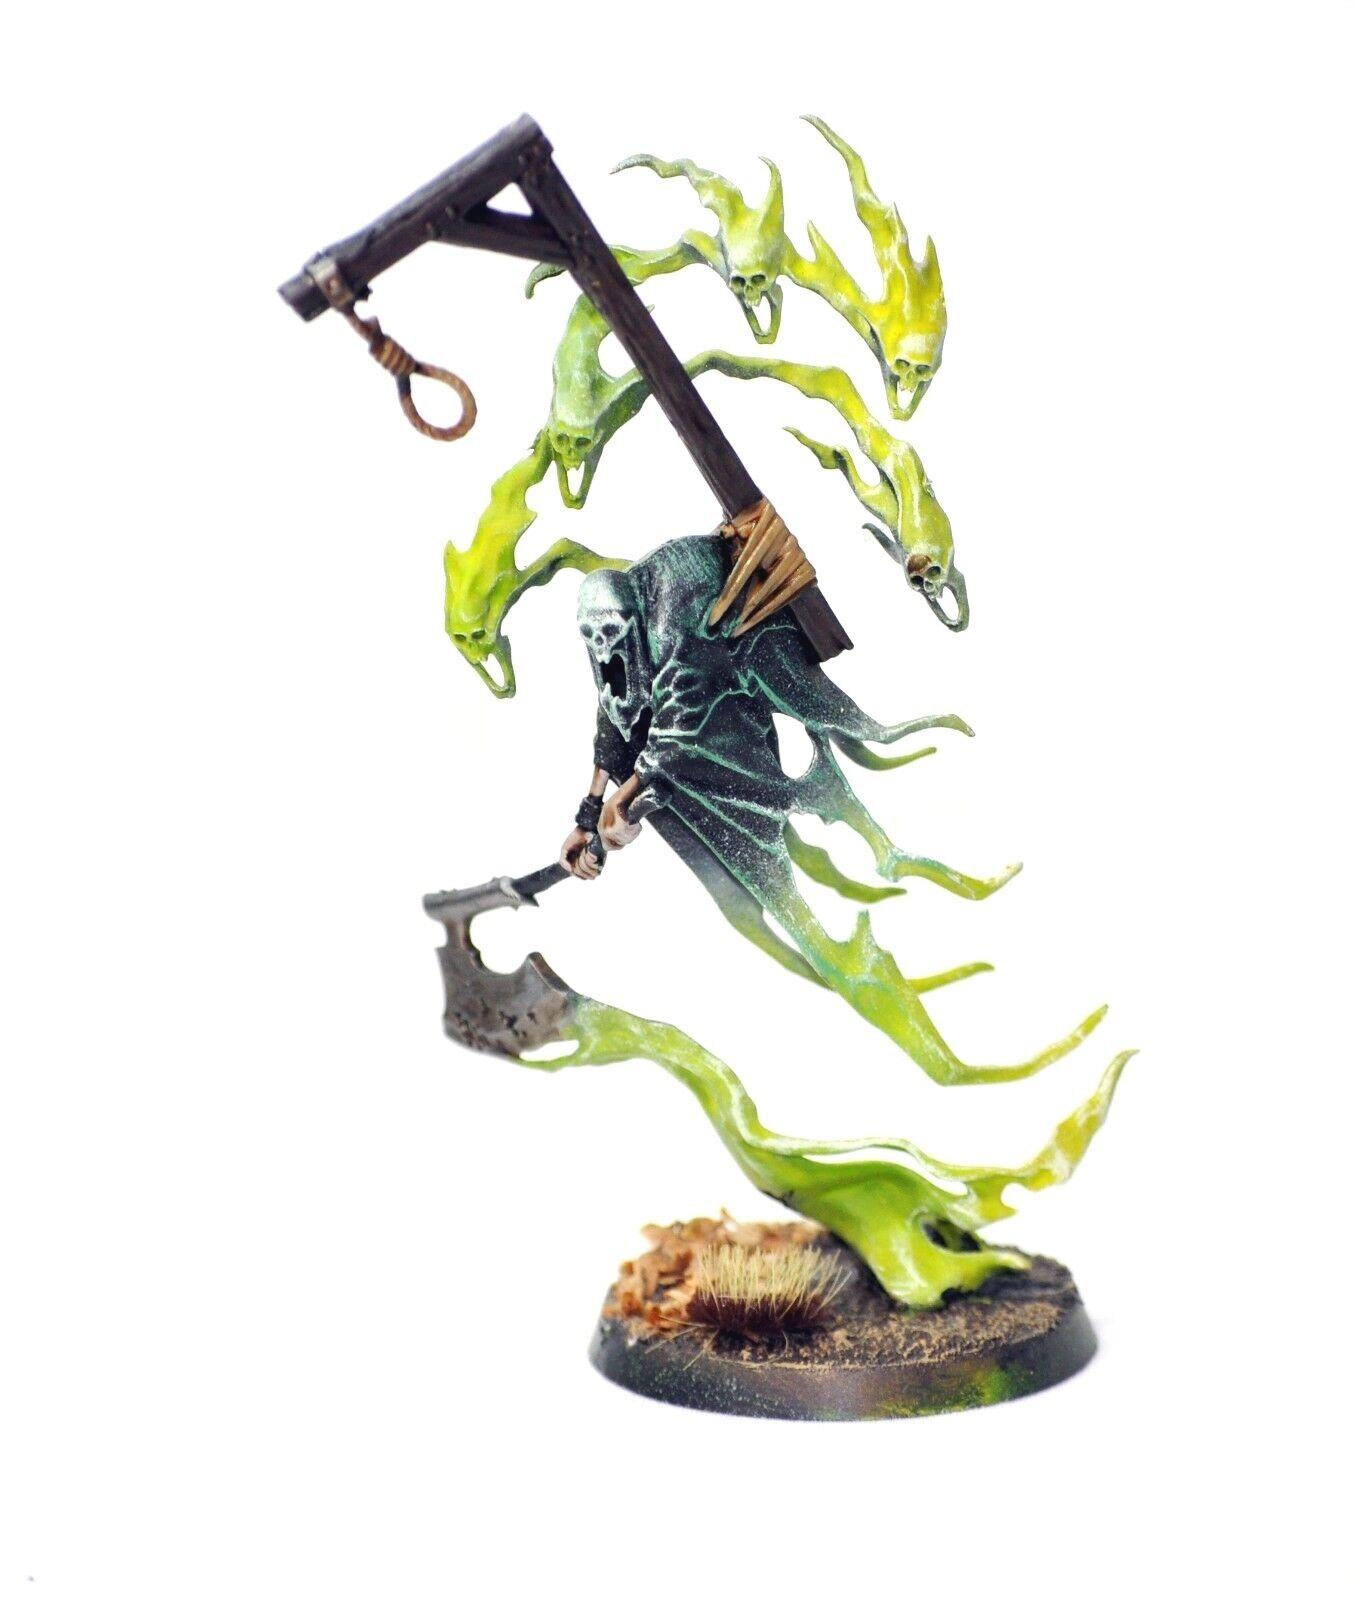 Lord Executioner - NightHaunt - Age of Sigmar - Warhammer